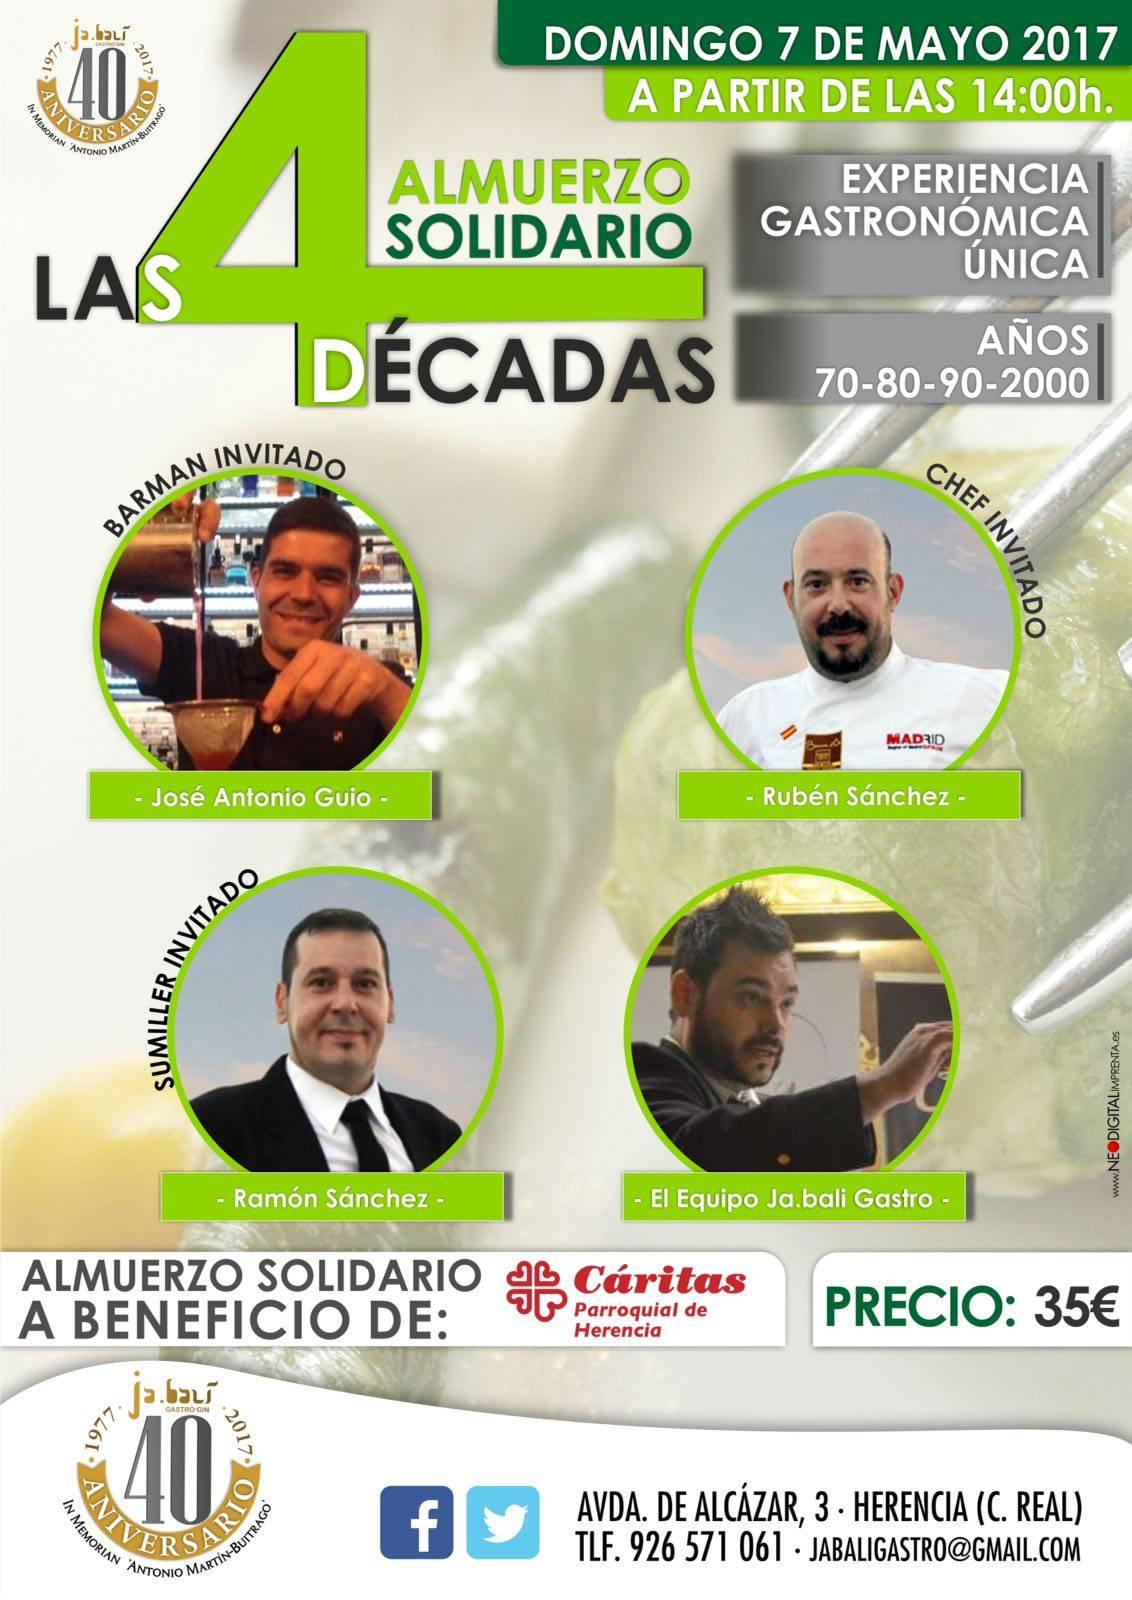 Almuerzo solidario las 4 décadas en Herencia 5